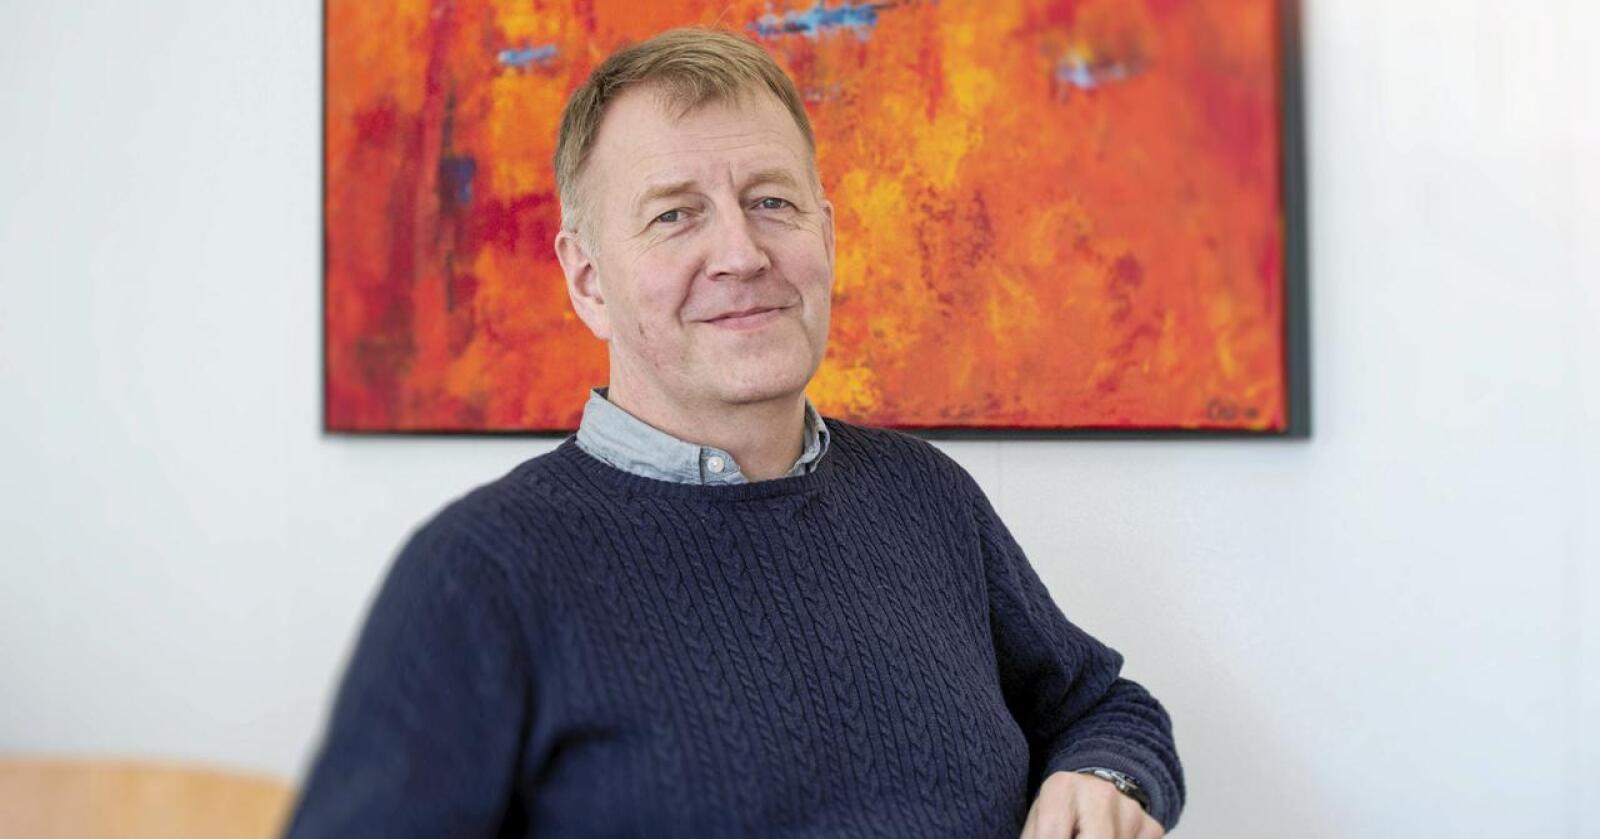 Sluttar: Terje Wester har sagt opp etter nær 35 år i Fatland. Han har vore konsernsjef frå 2008 og fram til juni i år og han er dagleg leiar i Fatland Jæren. Foto: Fatland